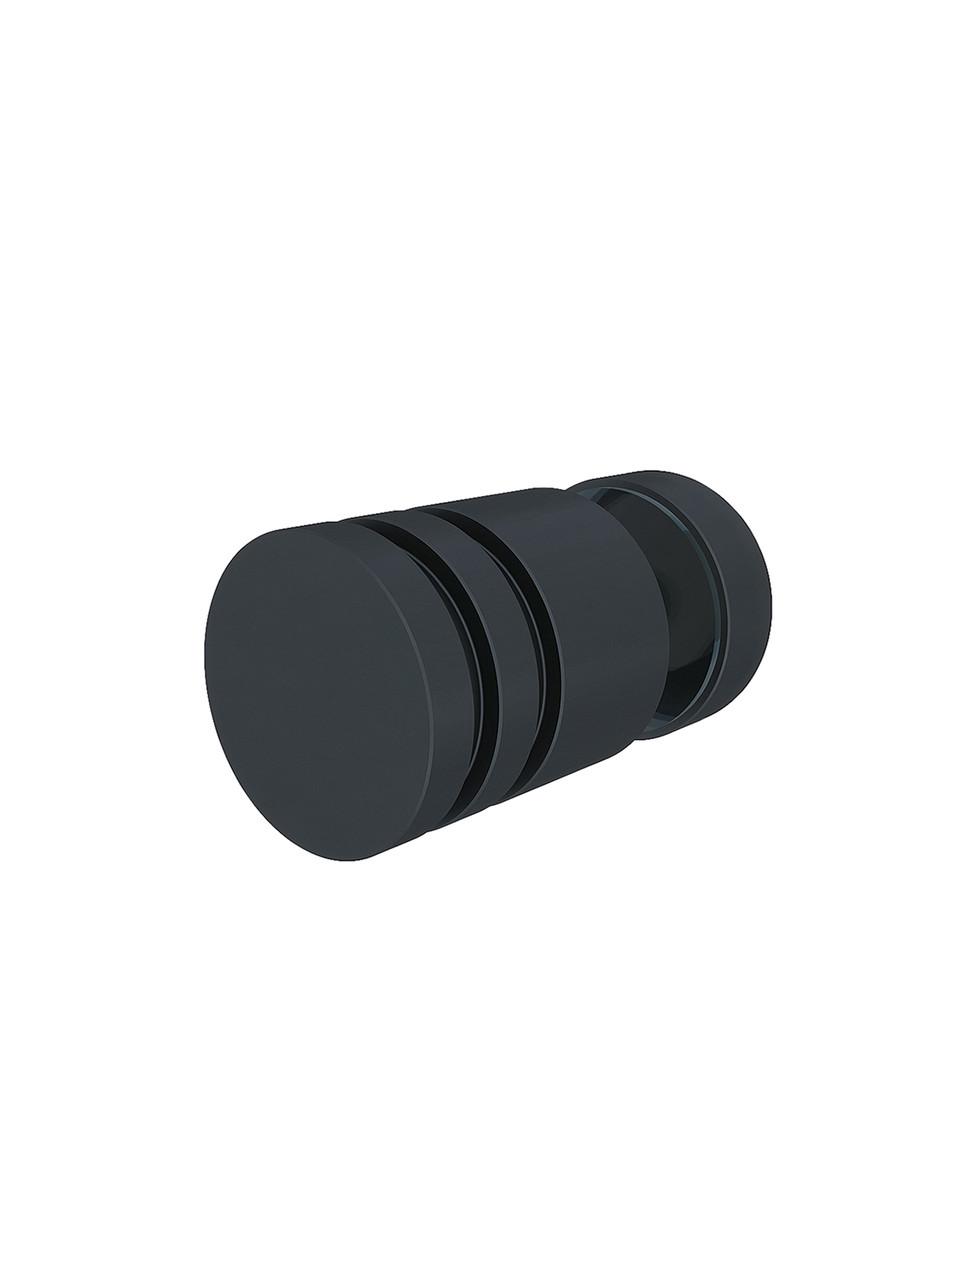 ODF-07-12-21 Ручка для душевых кабин с заглушкой, черная